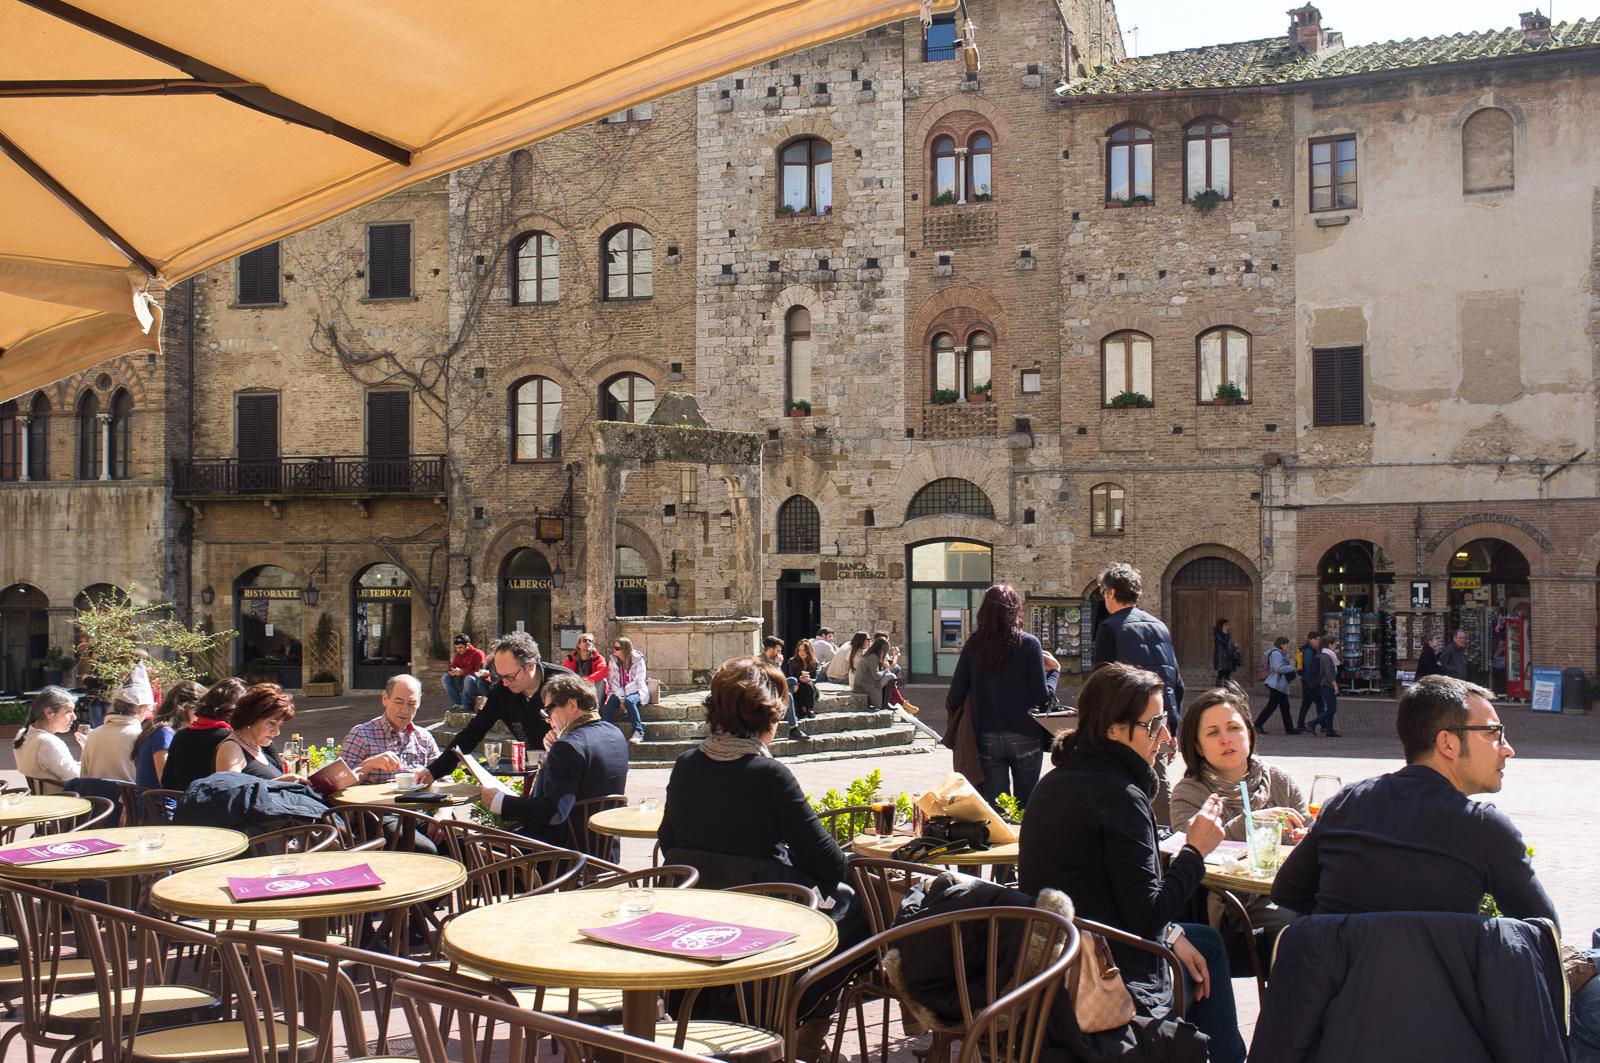 Piazza della Cisterna, San Gimignano - Italy